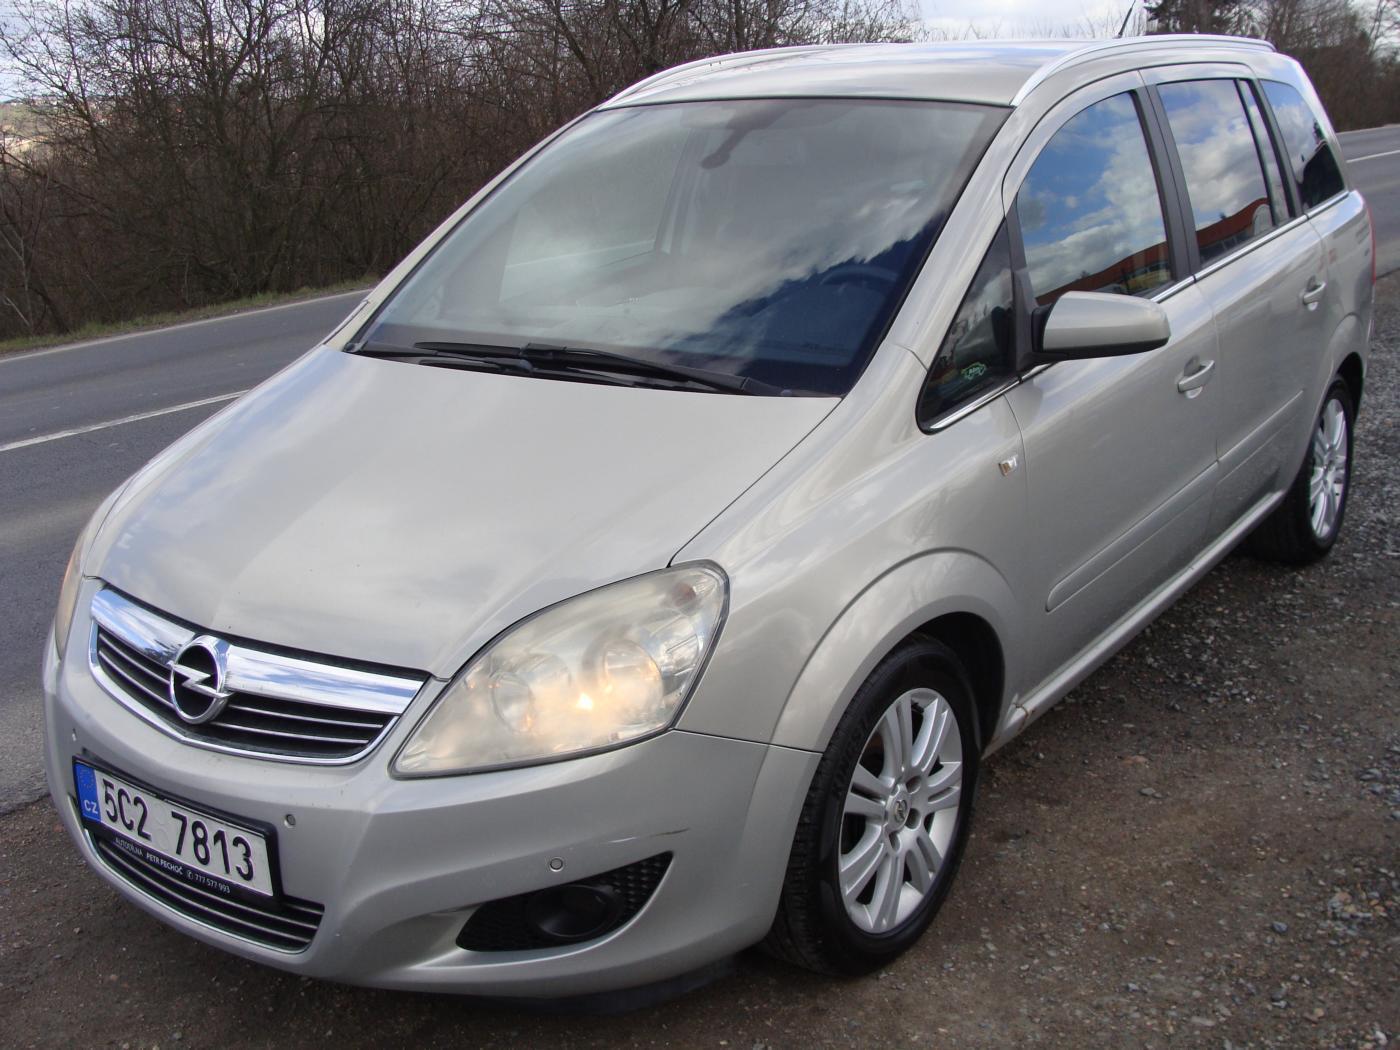 Opel Zafira 1.7 CDTi, 7 Míst kombi